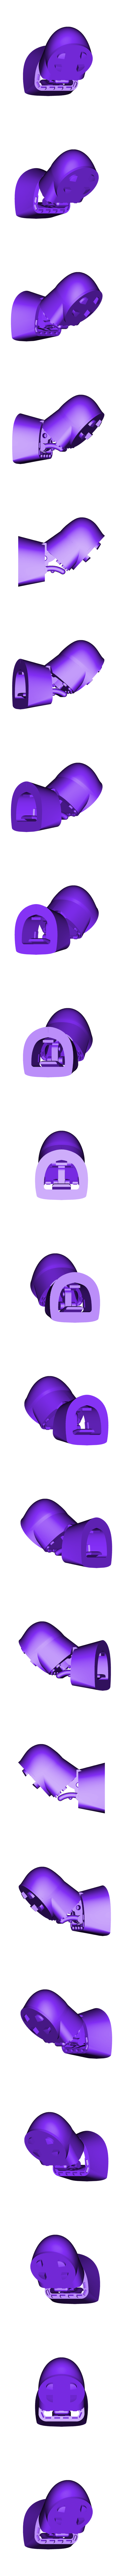 No_Face_Man_Head_3.stl Télécharger fichier STL gratuit Pas de visage homme (faux) • Design à imprimer en 3D, ROYLO